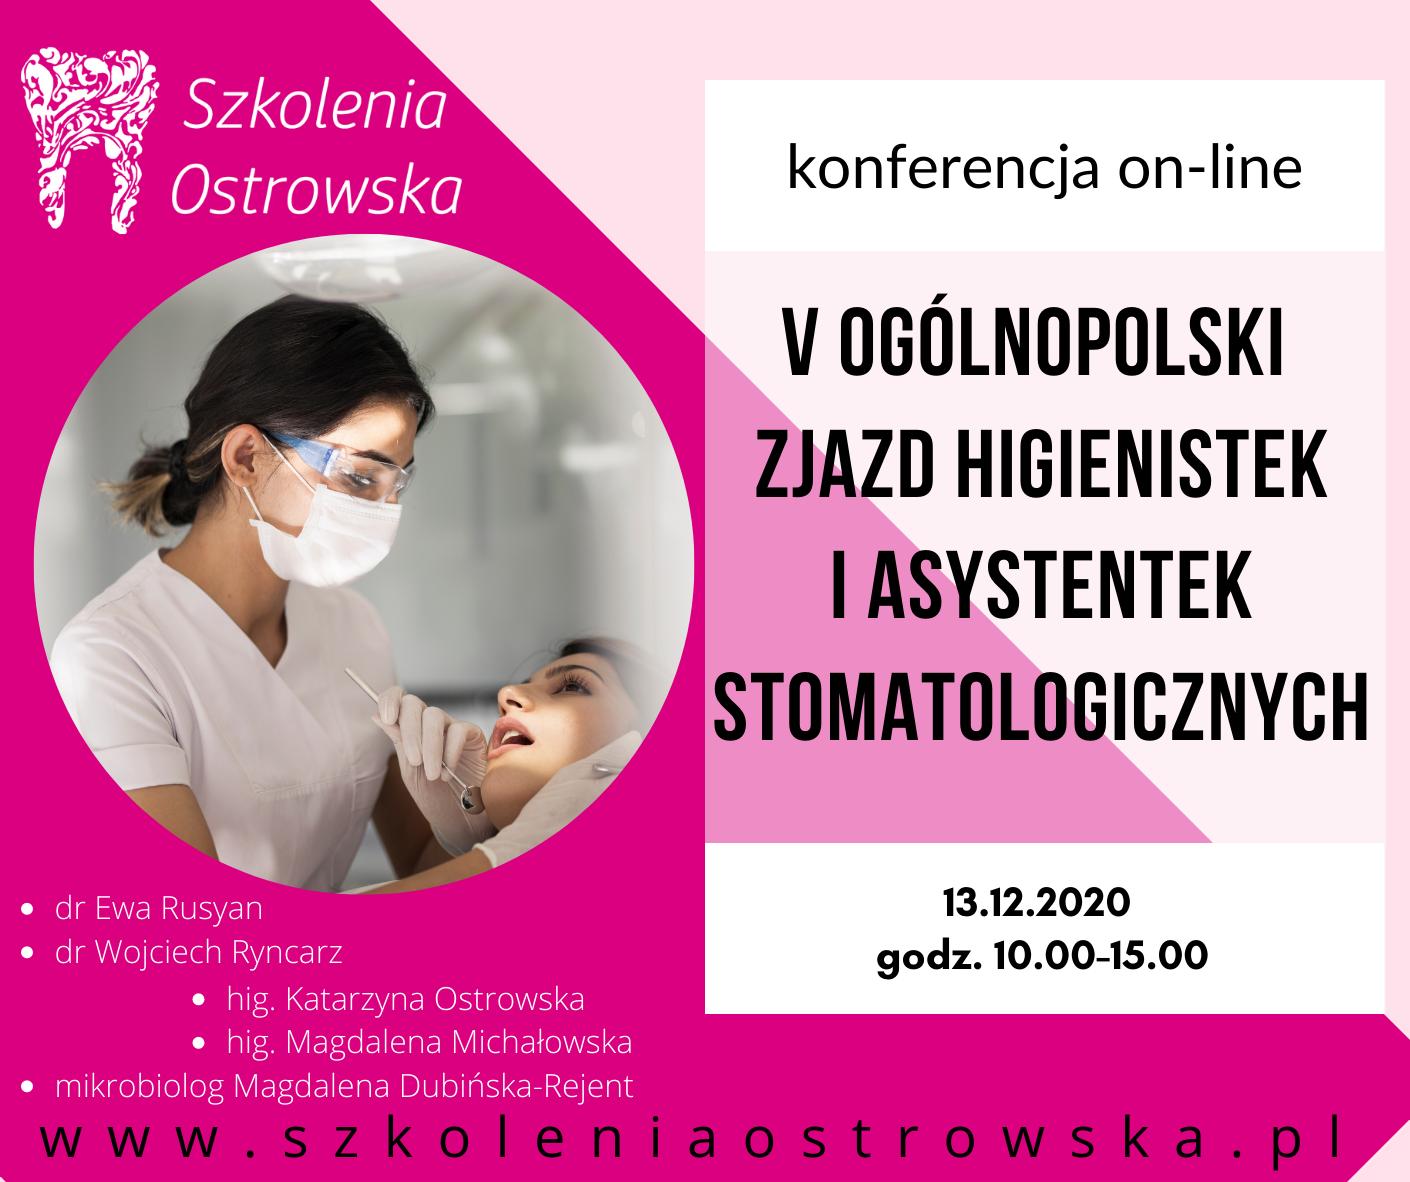 Konferencja on-line V Ogólnopolskiego Zjazdu Higienistek i Asystentek Stomatologicznych